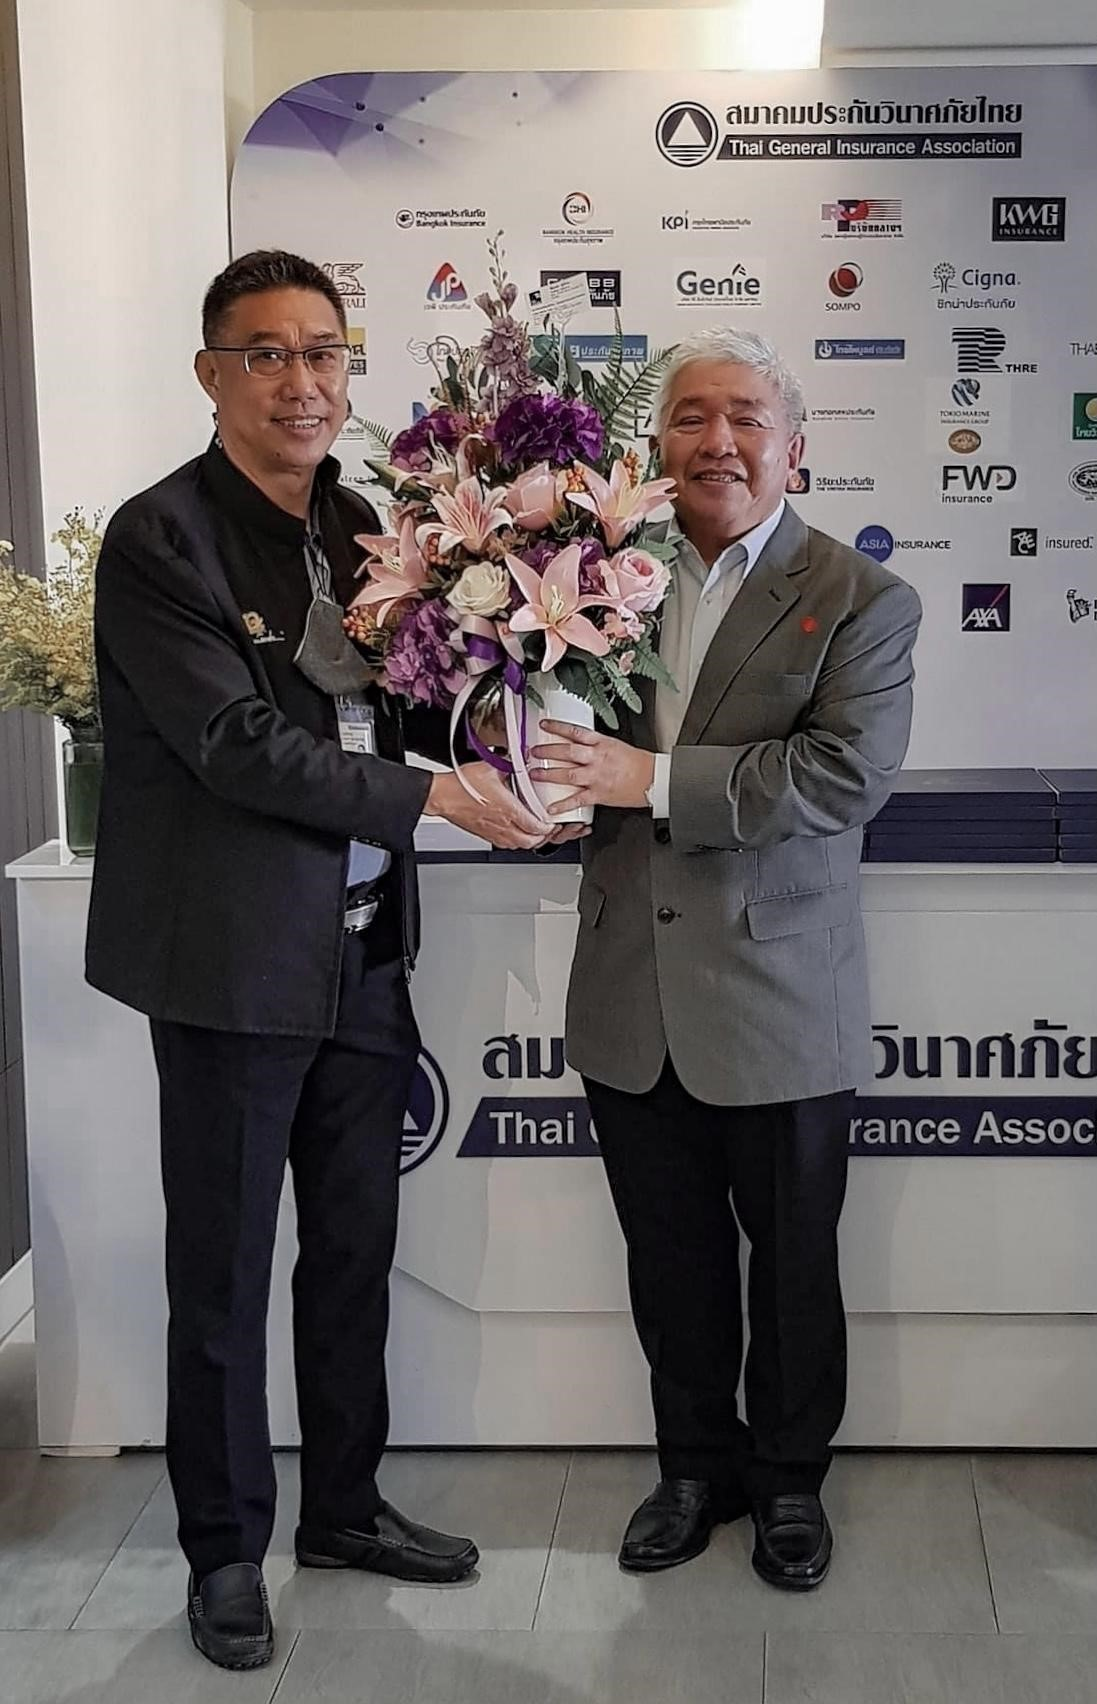 สมาคมประกันวินาศภัยไทย ครบรอบ 52 ปี 2